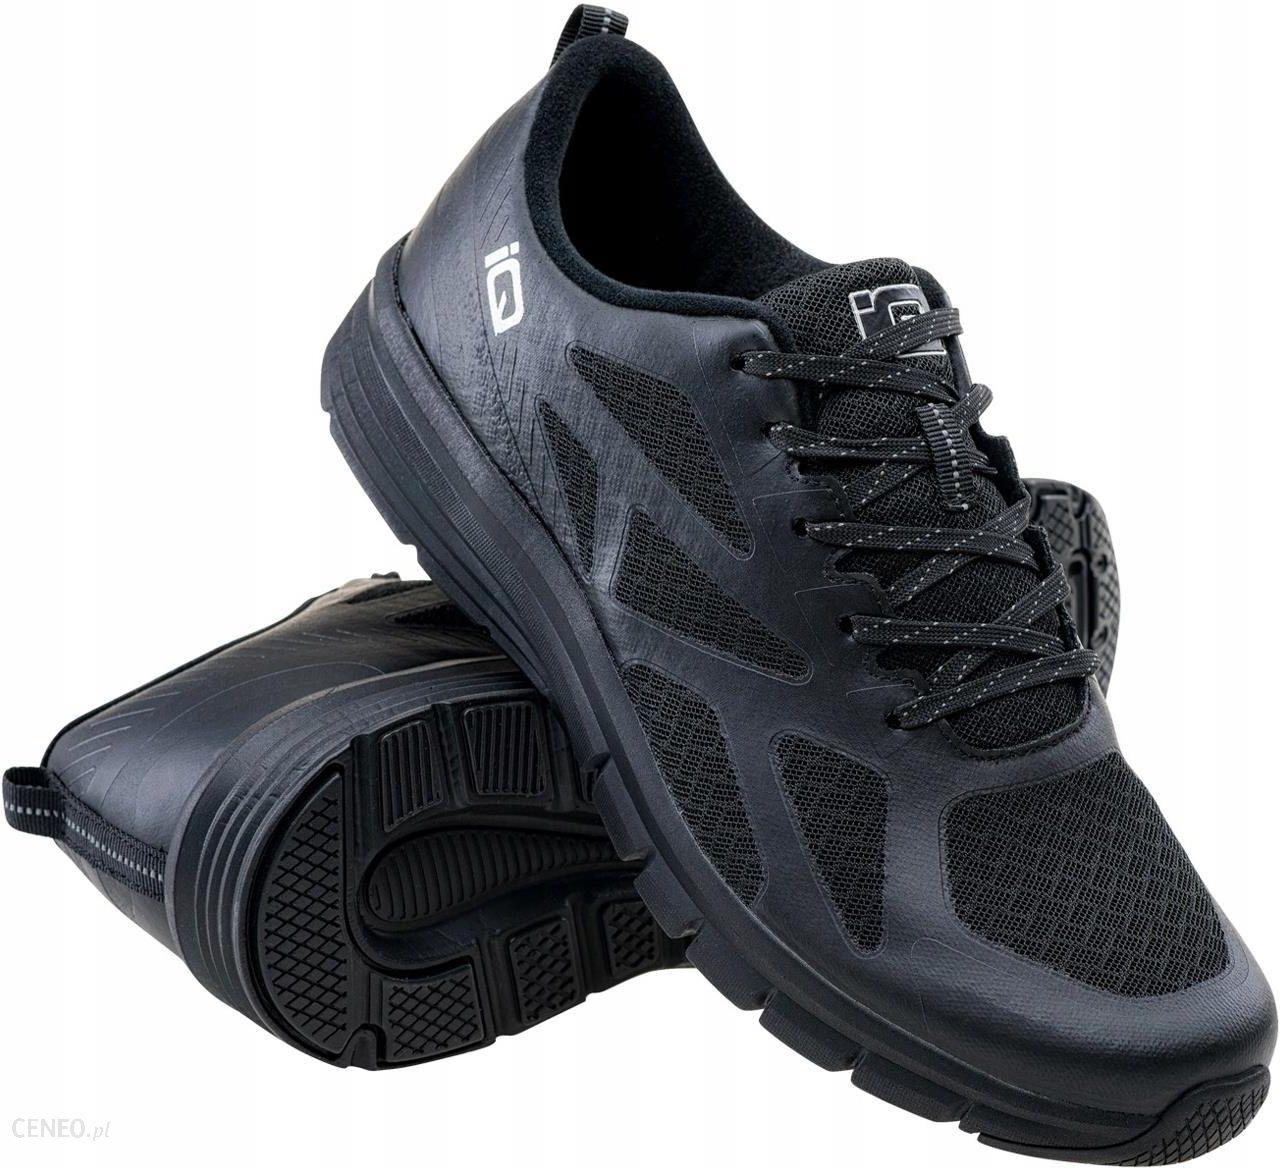 Buty męskie Adidas GALAXY 4 F36171 Ceny i opinie Ceneo.pl